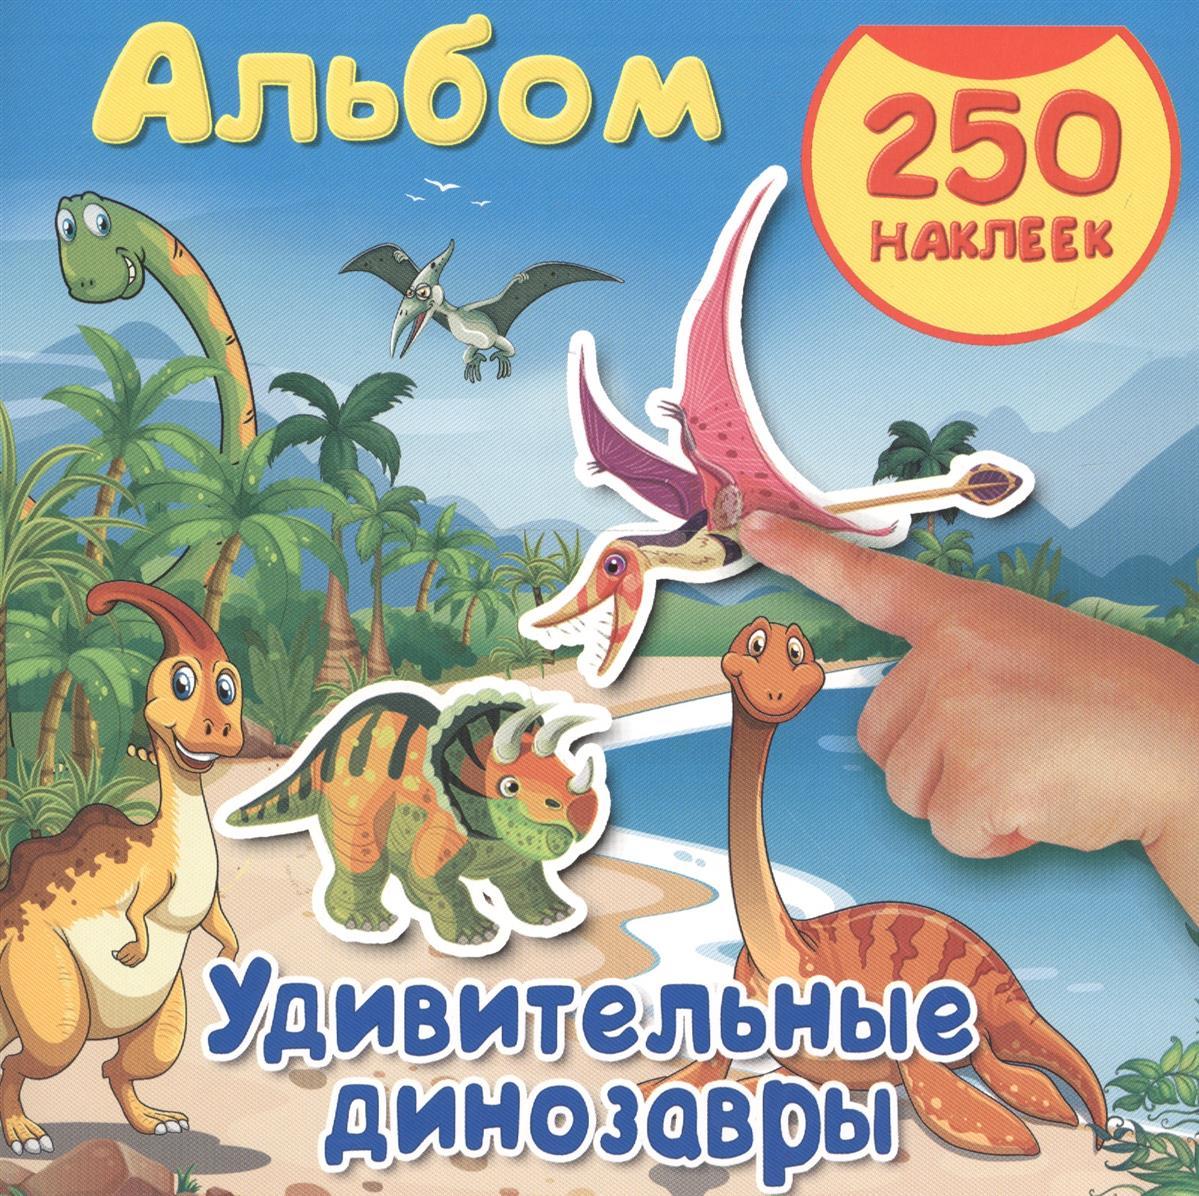 все цены на Удивительные динозавры. Альбом. 250 наклеек